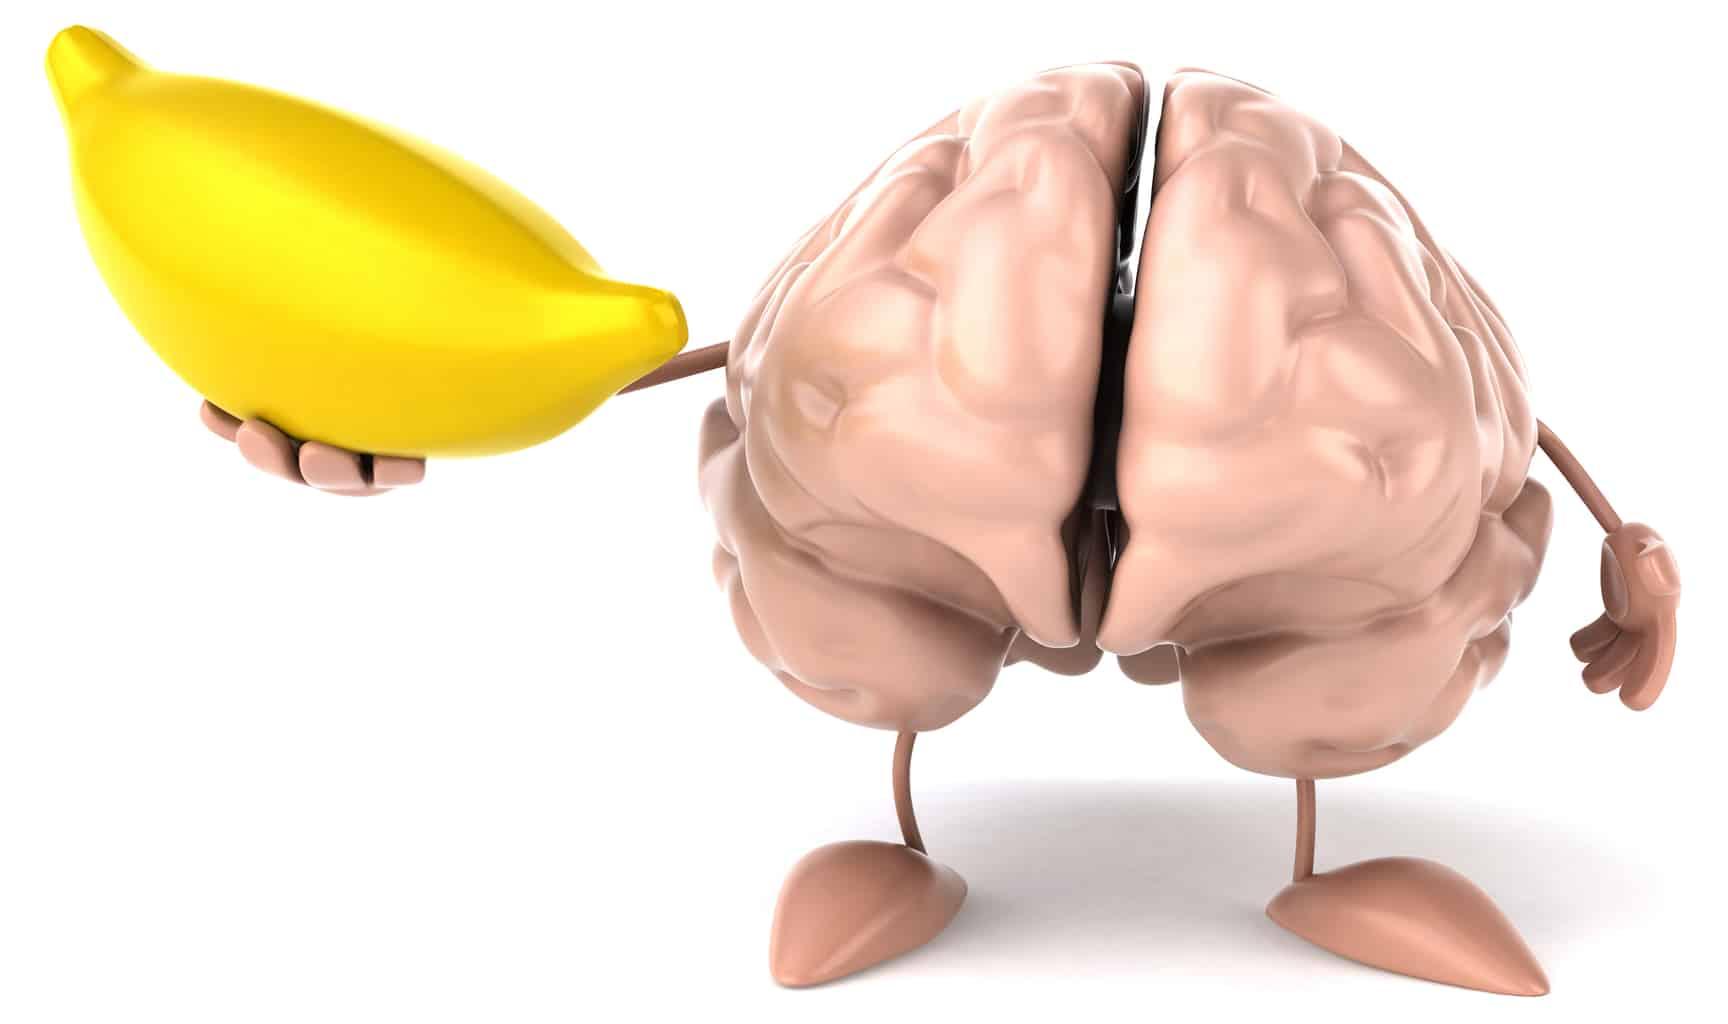 Brain-Penile connection